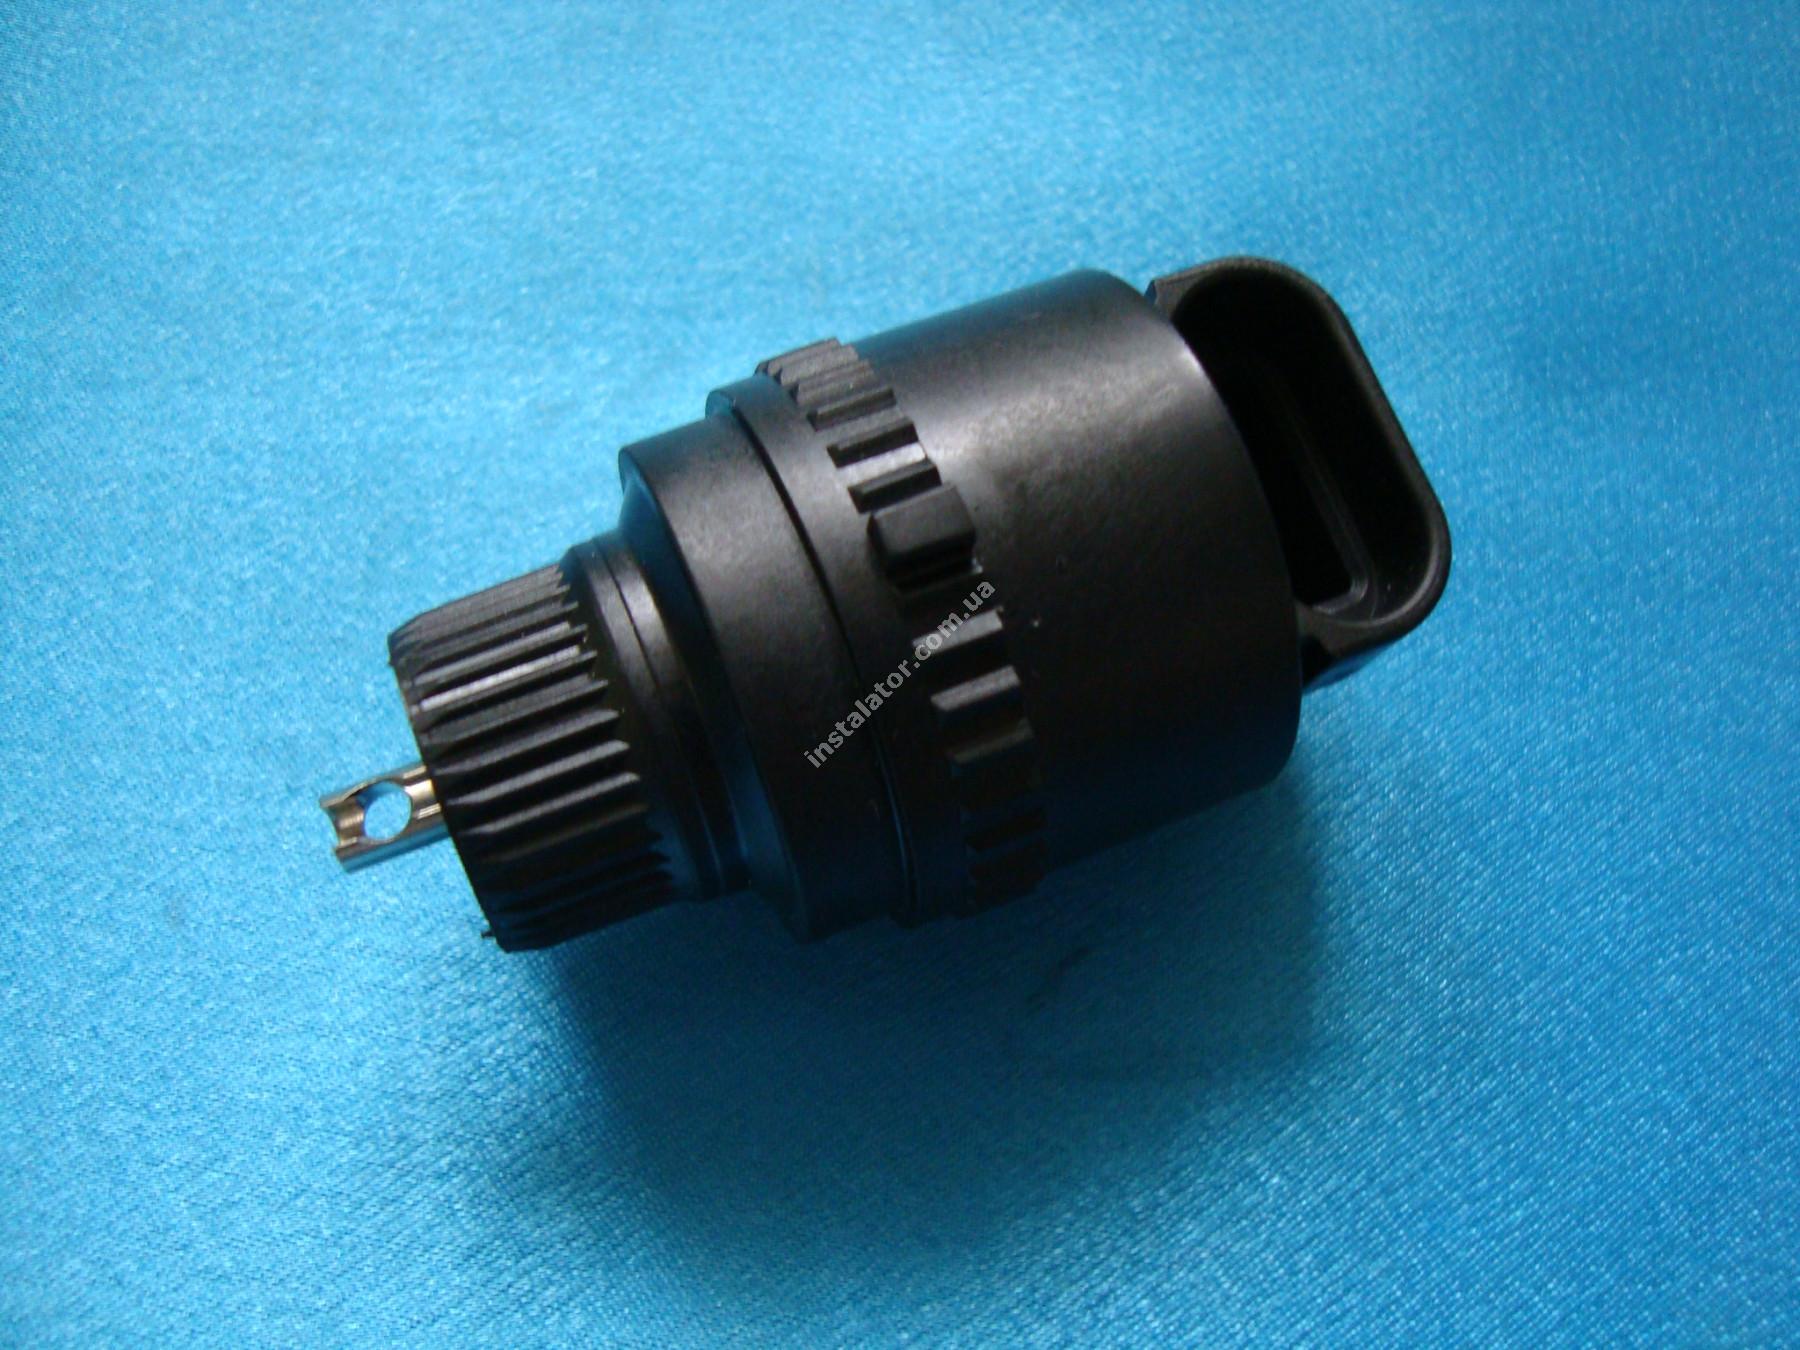 140429 Привід (сервопривід) 3-х ходового клапана VAILLANT TURBOmax, ATMOmax Pro\Plus full-image-2